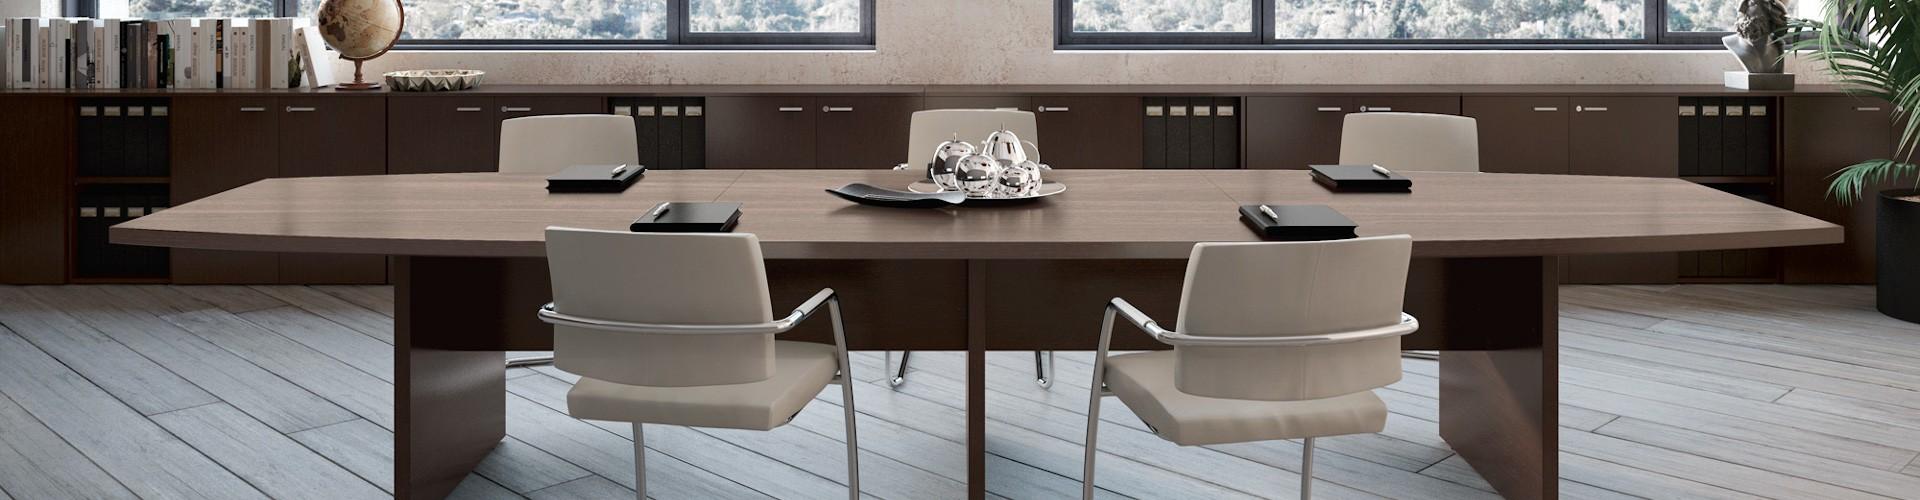 Table de réunion personnalisable So Upper